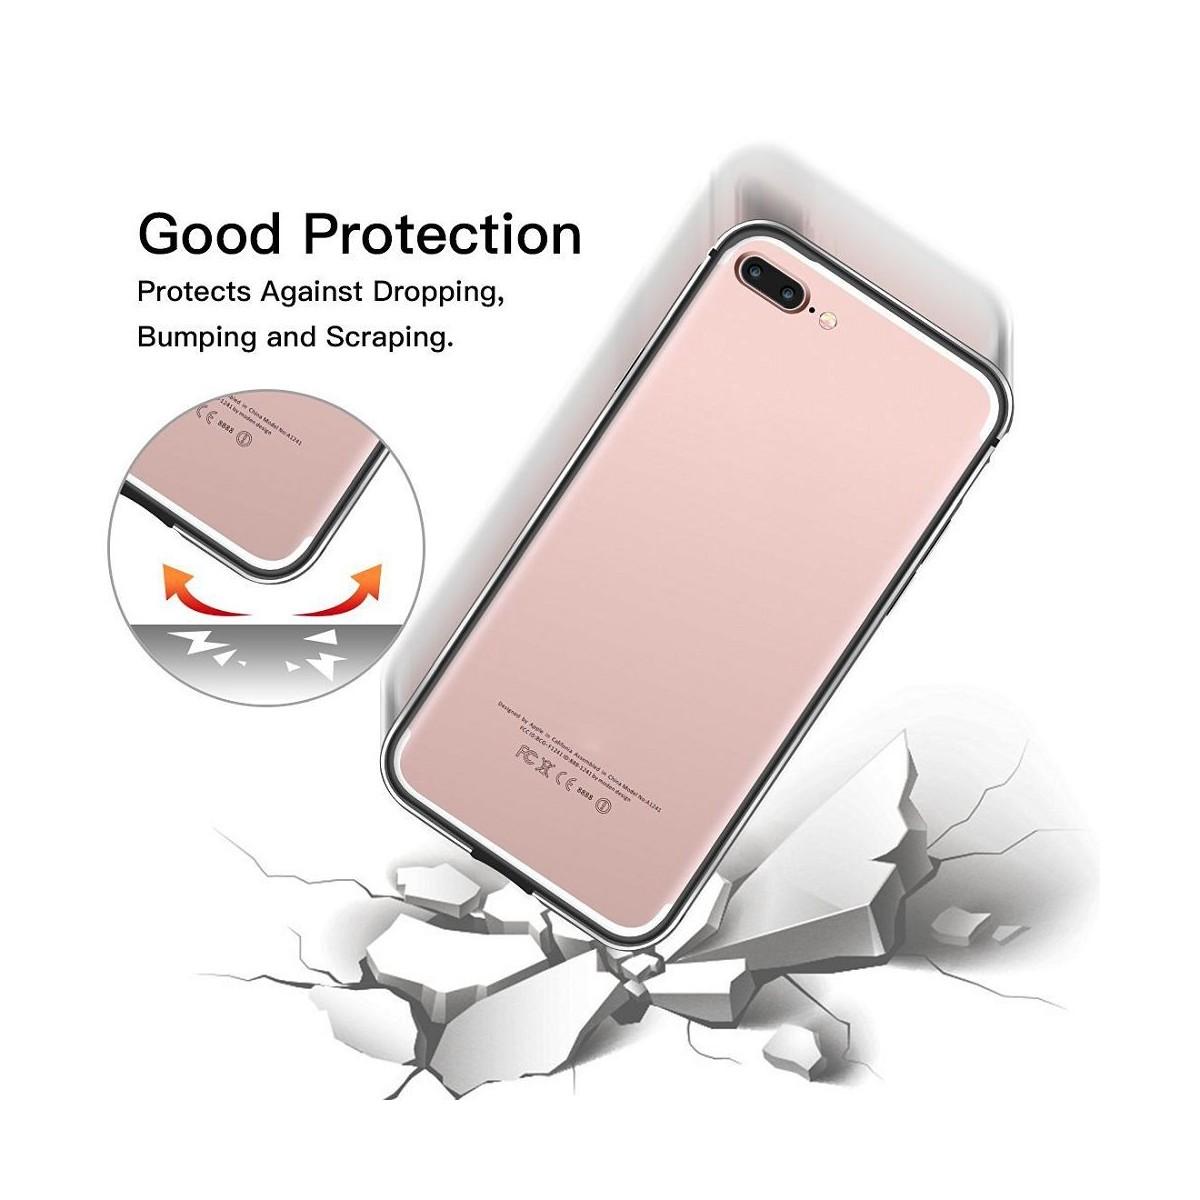 Bumper Bi-matière iPhone 7 Plus contour Noir et Gris - G-Case